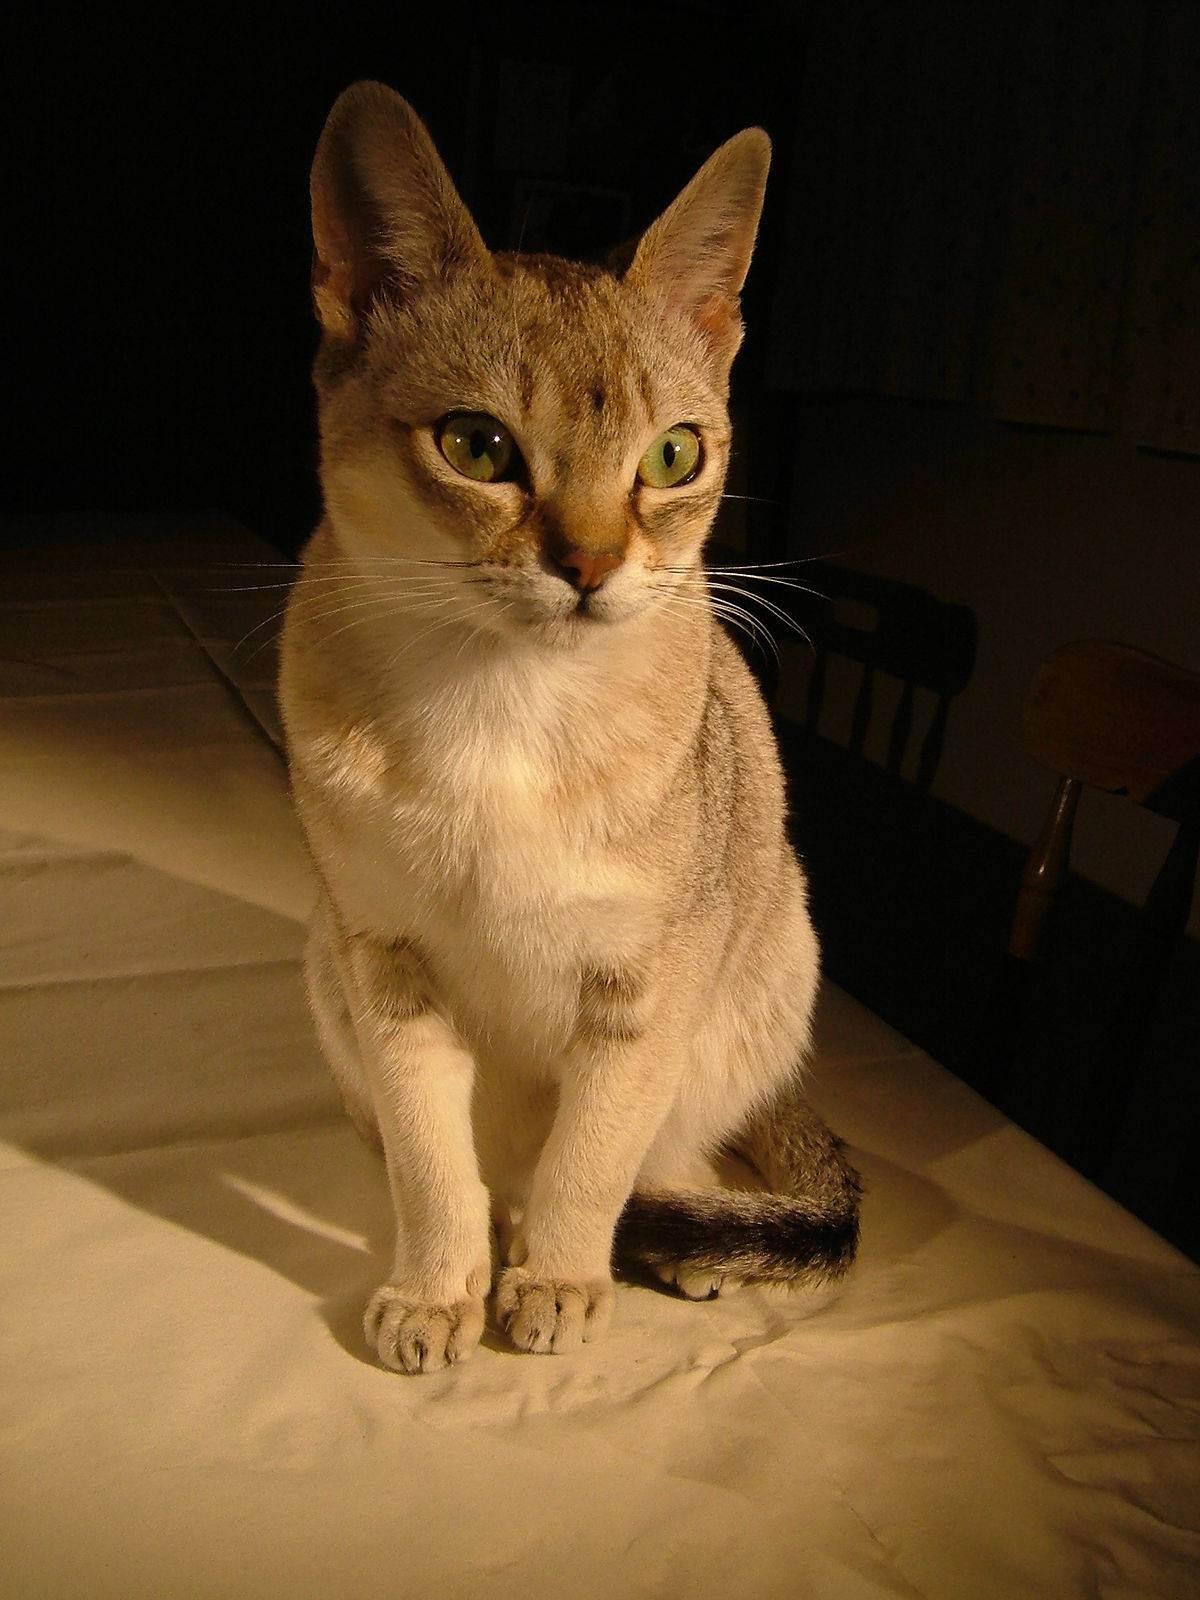 Сингапурская кошка: характер, фото, цена, описание породы, отзывы, как купить, как выбрать, содержание, уход и отзывы владельцев